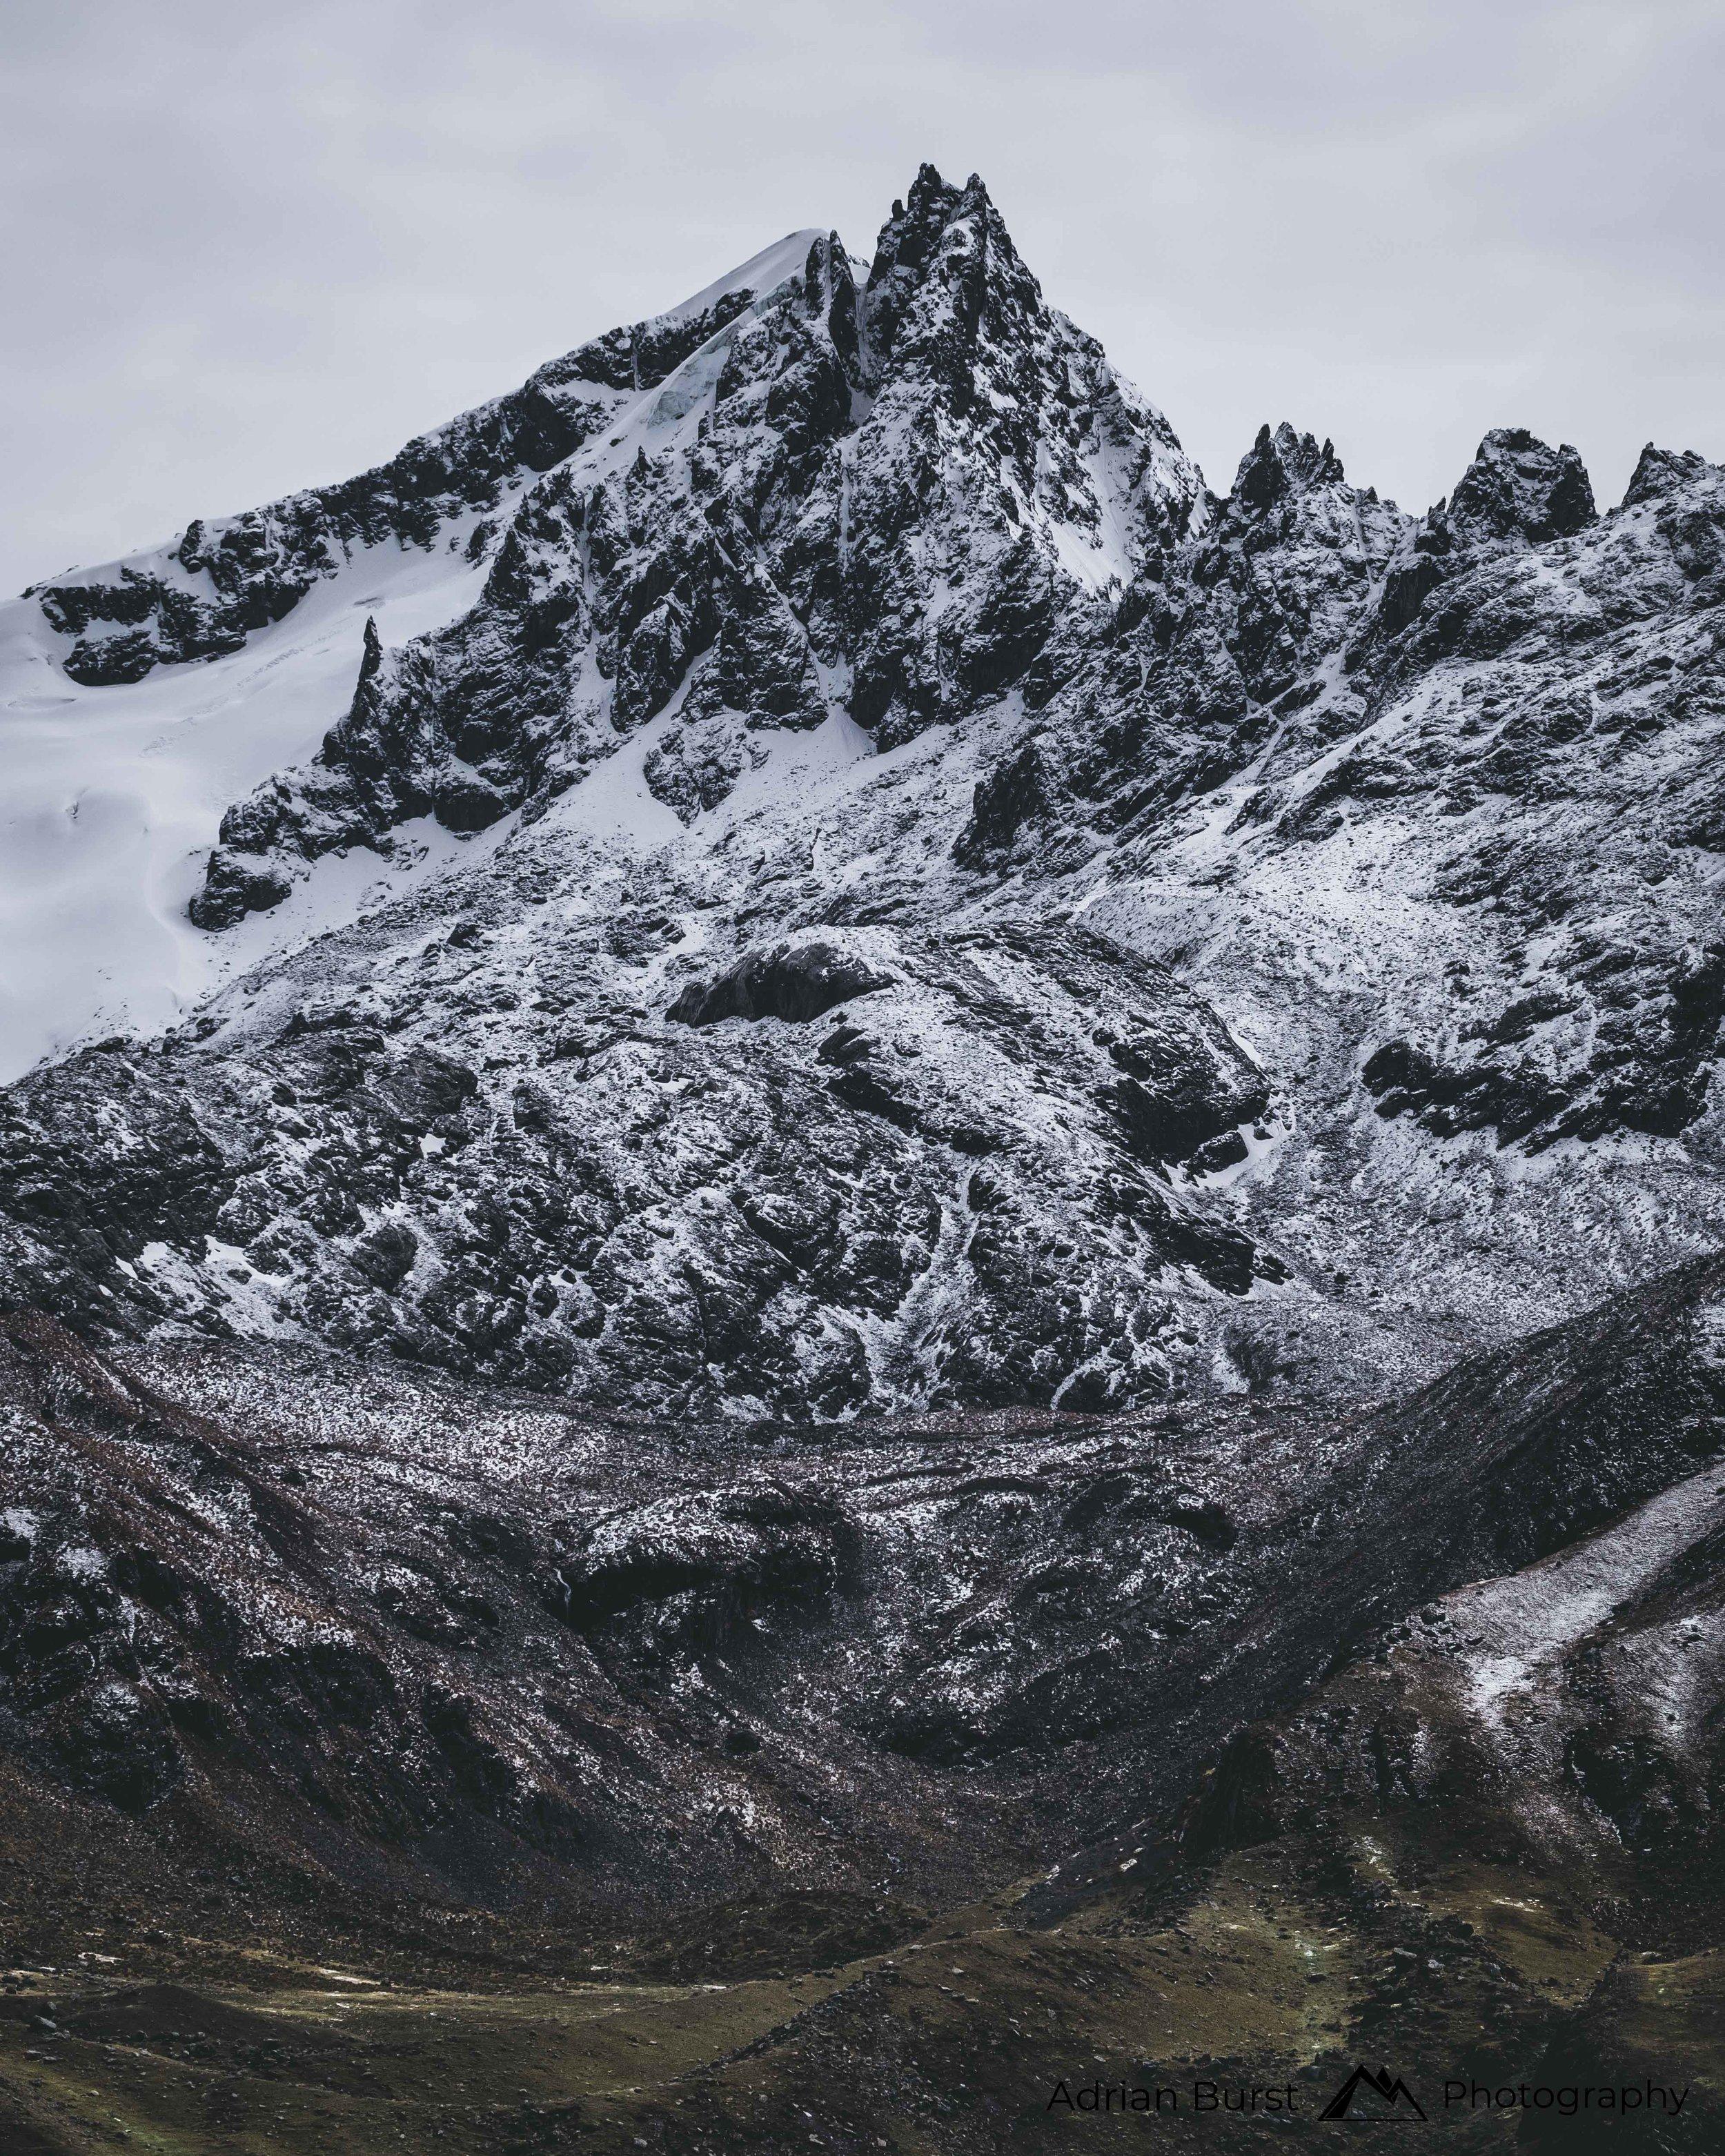 13 | Pucamayu valley, Quispicanchi